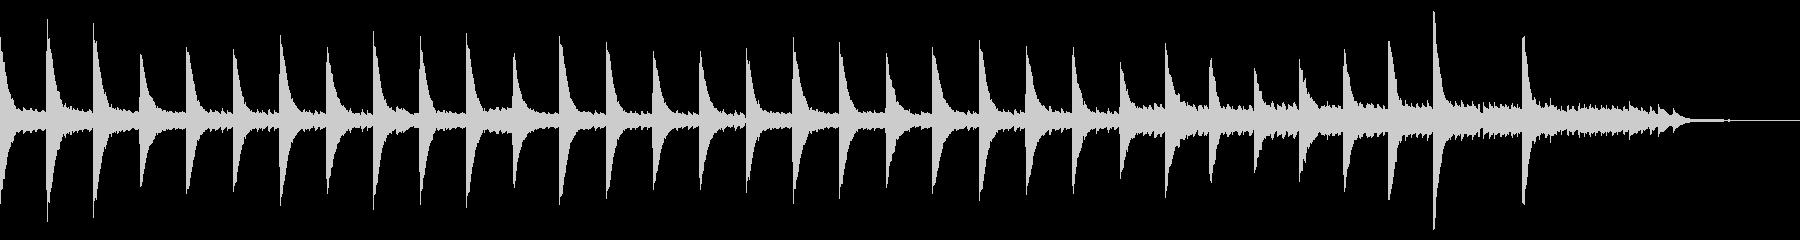 美しいピアノソロ 映画のサントラ風の未再生の波形